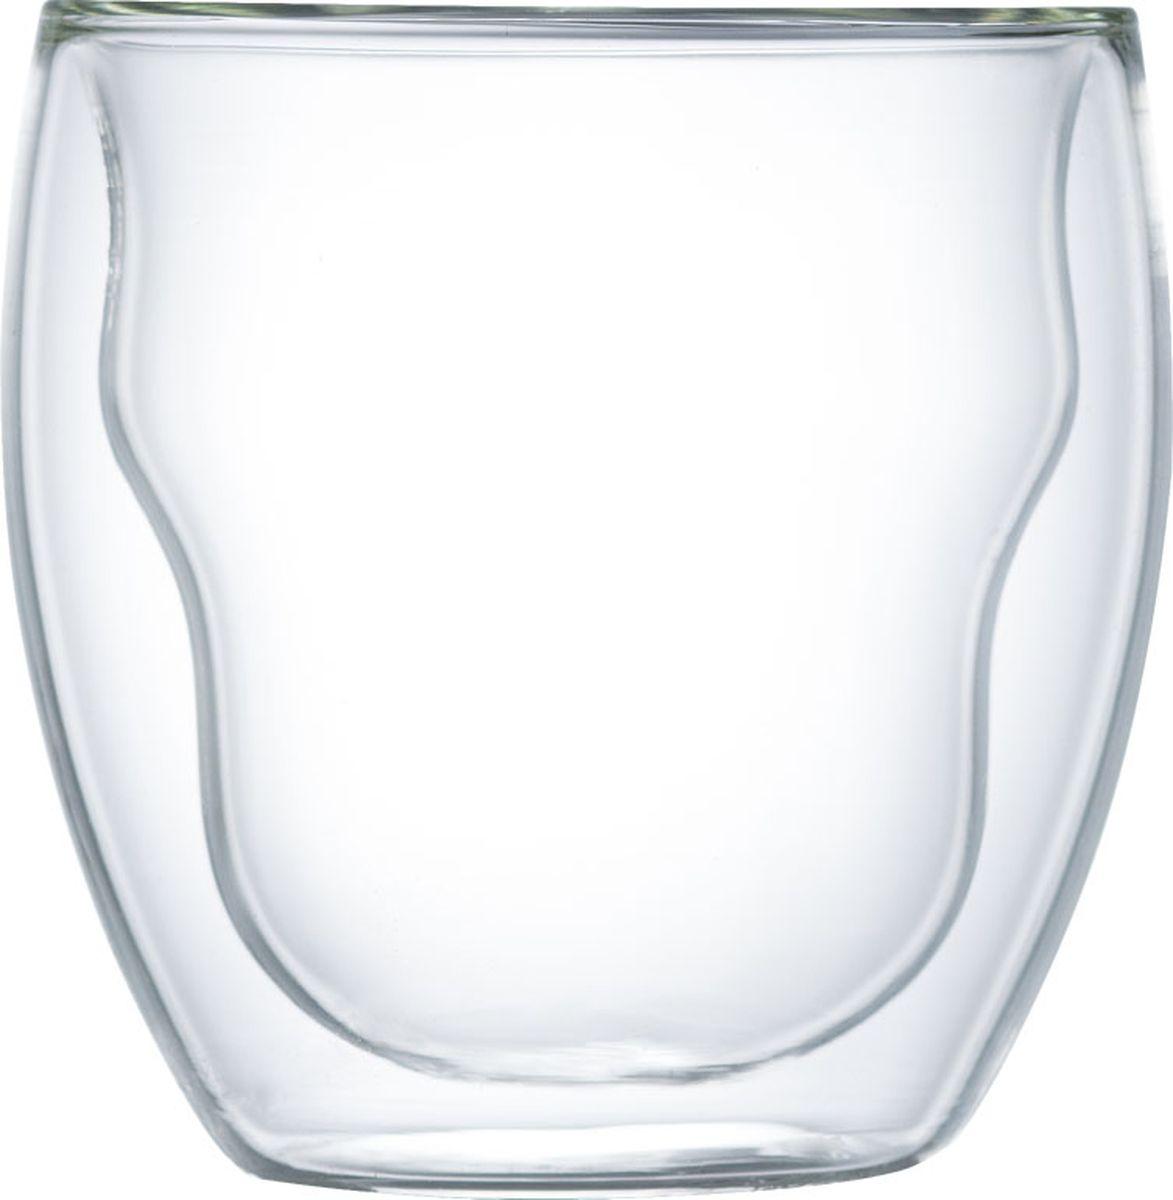 Набор термобокалов Walmer Prince, 250 мл, 2 штVT-1520(SR)Набор Walmer Prince состоит из двух термобокалов, изготовленных из высококачественного жаропрочного стекла и оснащенных двойными стенками. Прослойка воздуха оставляет напитки долгое время горячими. Внешняя поверхность бокалов сохраняет при этом комнатную температуру.Можно мыть в посудомоечной машине и использовать в микроволновой печи.Диаметр (по верхнему краю): 8 см.Высота: 9 см.